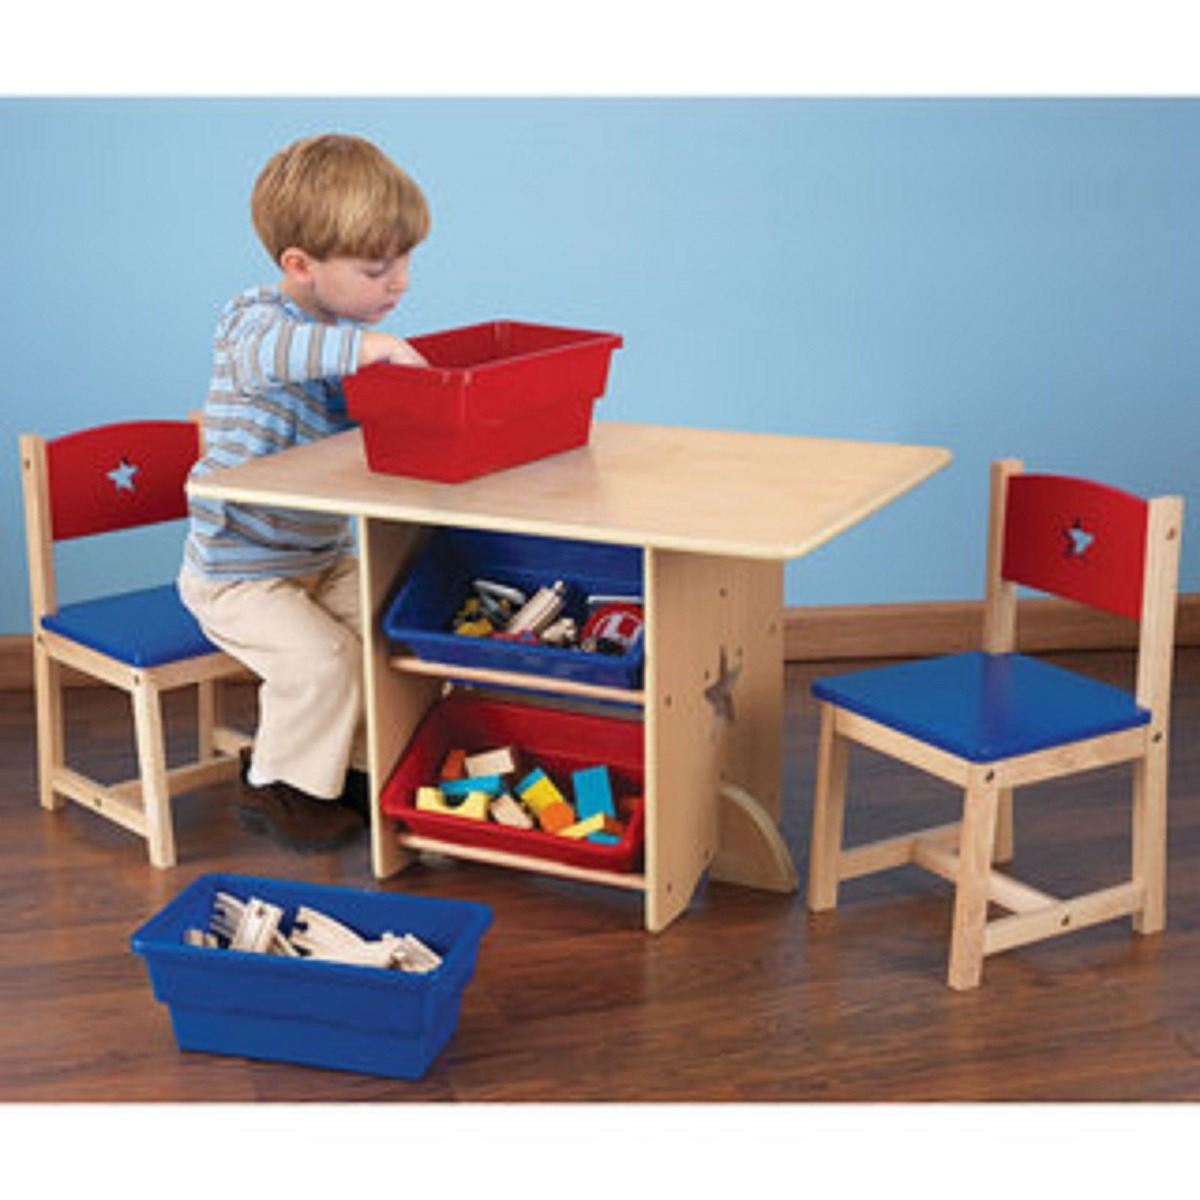 Mesa mesita con sillas kidkraft juego tareas para ni os for Mesa con sillas dentro